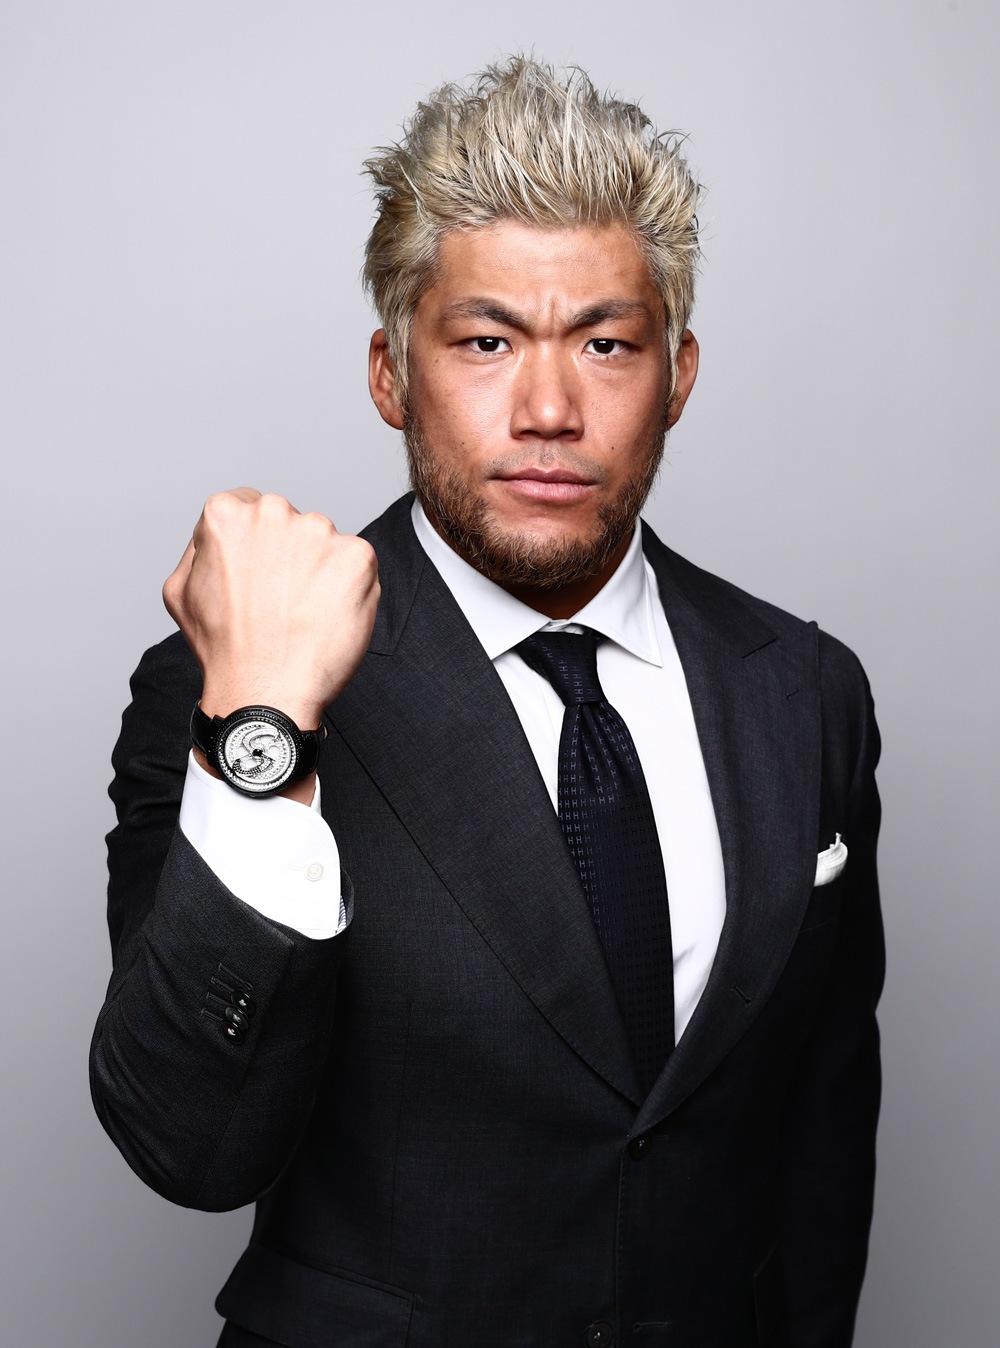 真田さんスーツ上半身